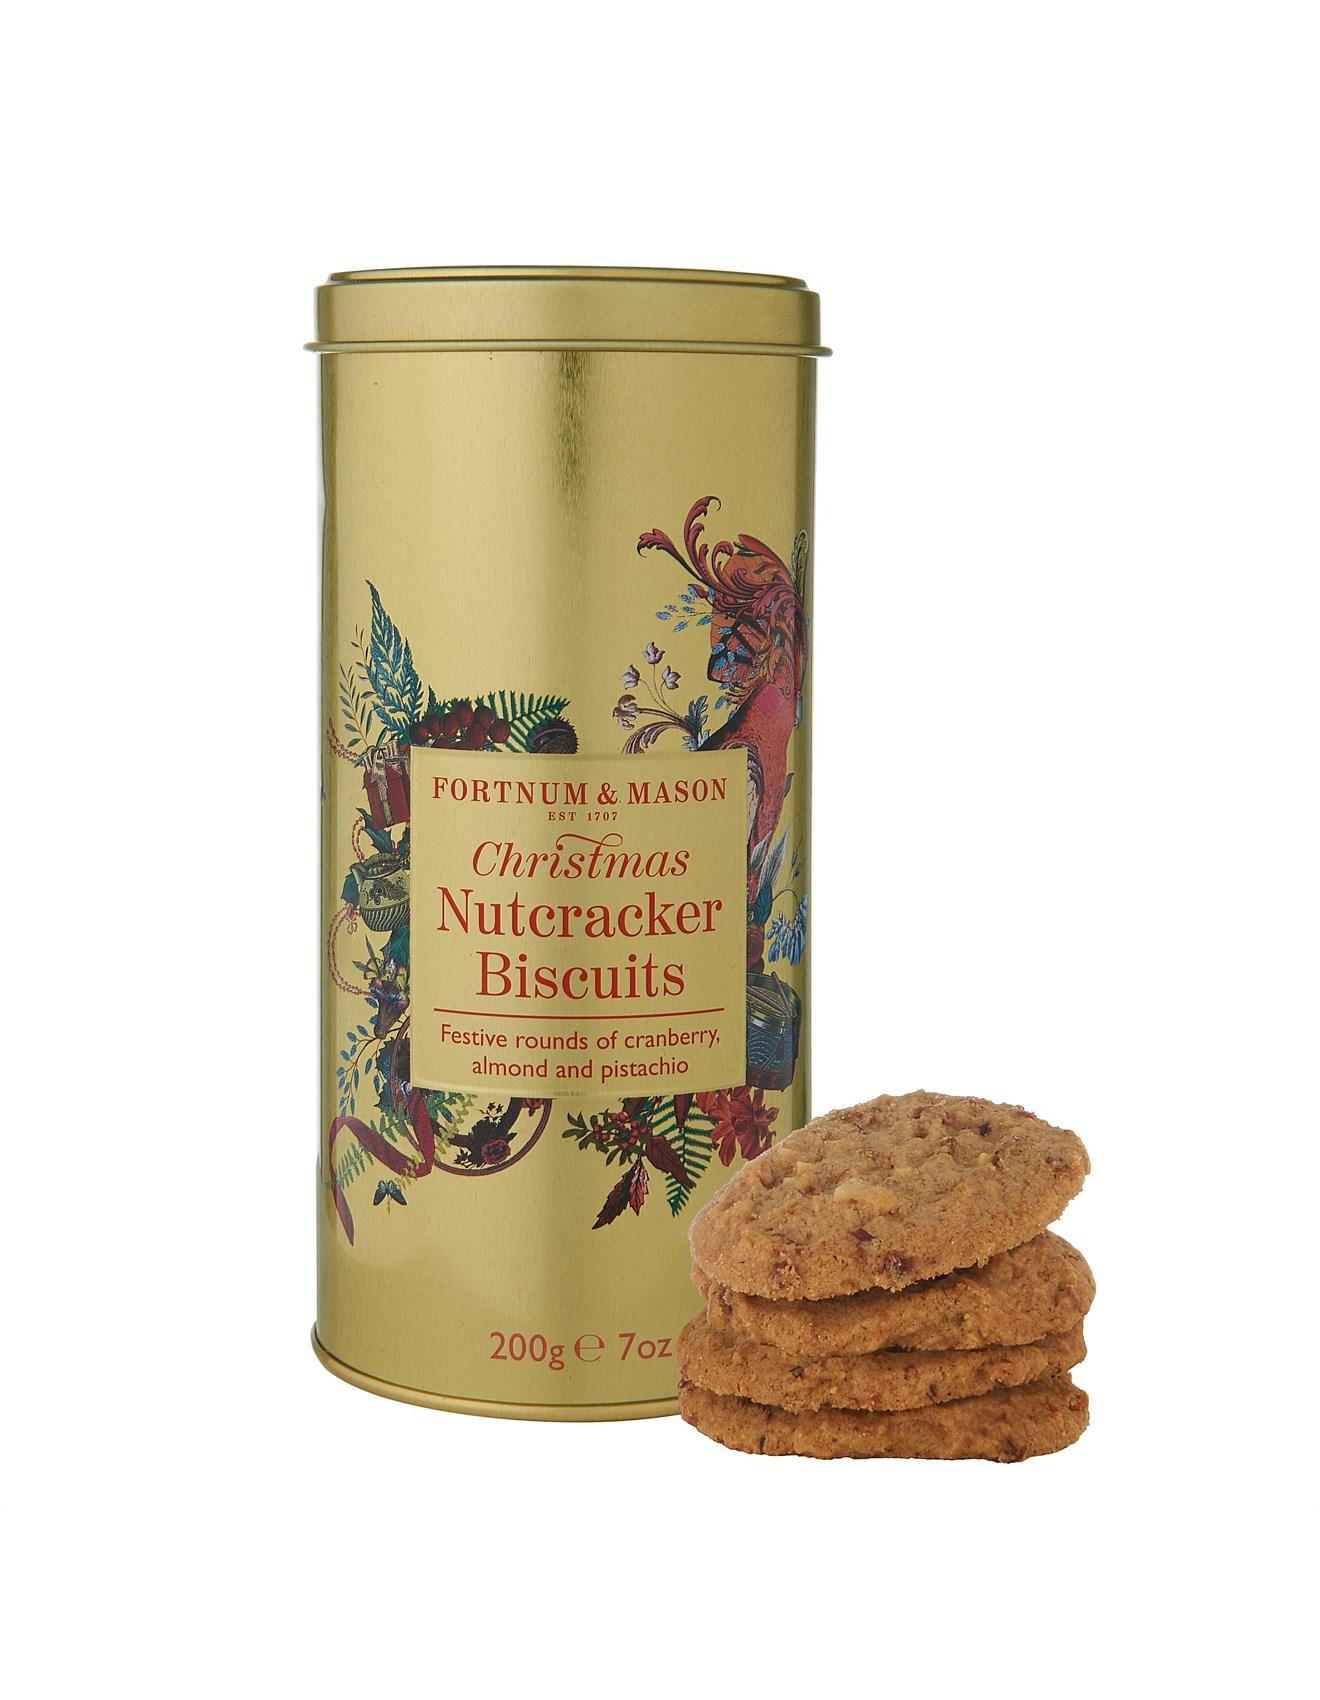 Nut Cracker Biscuits 200g